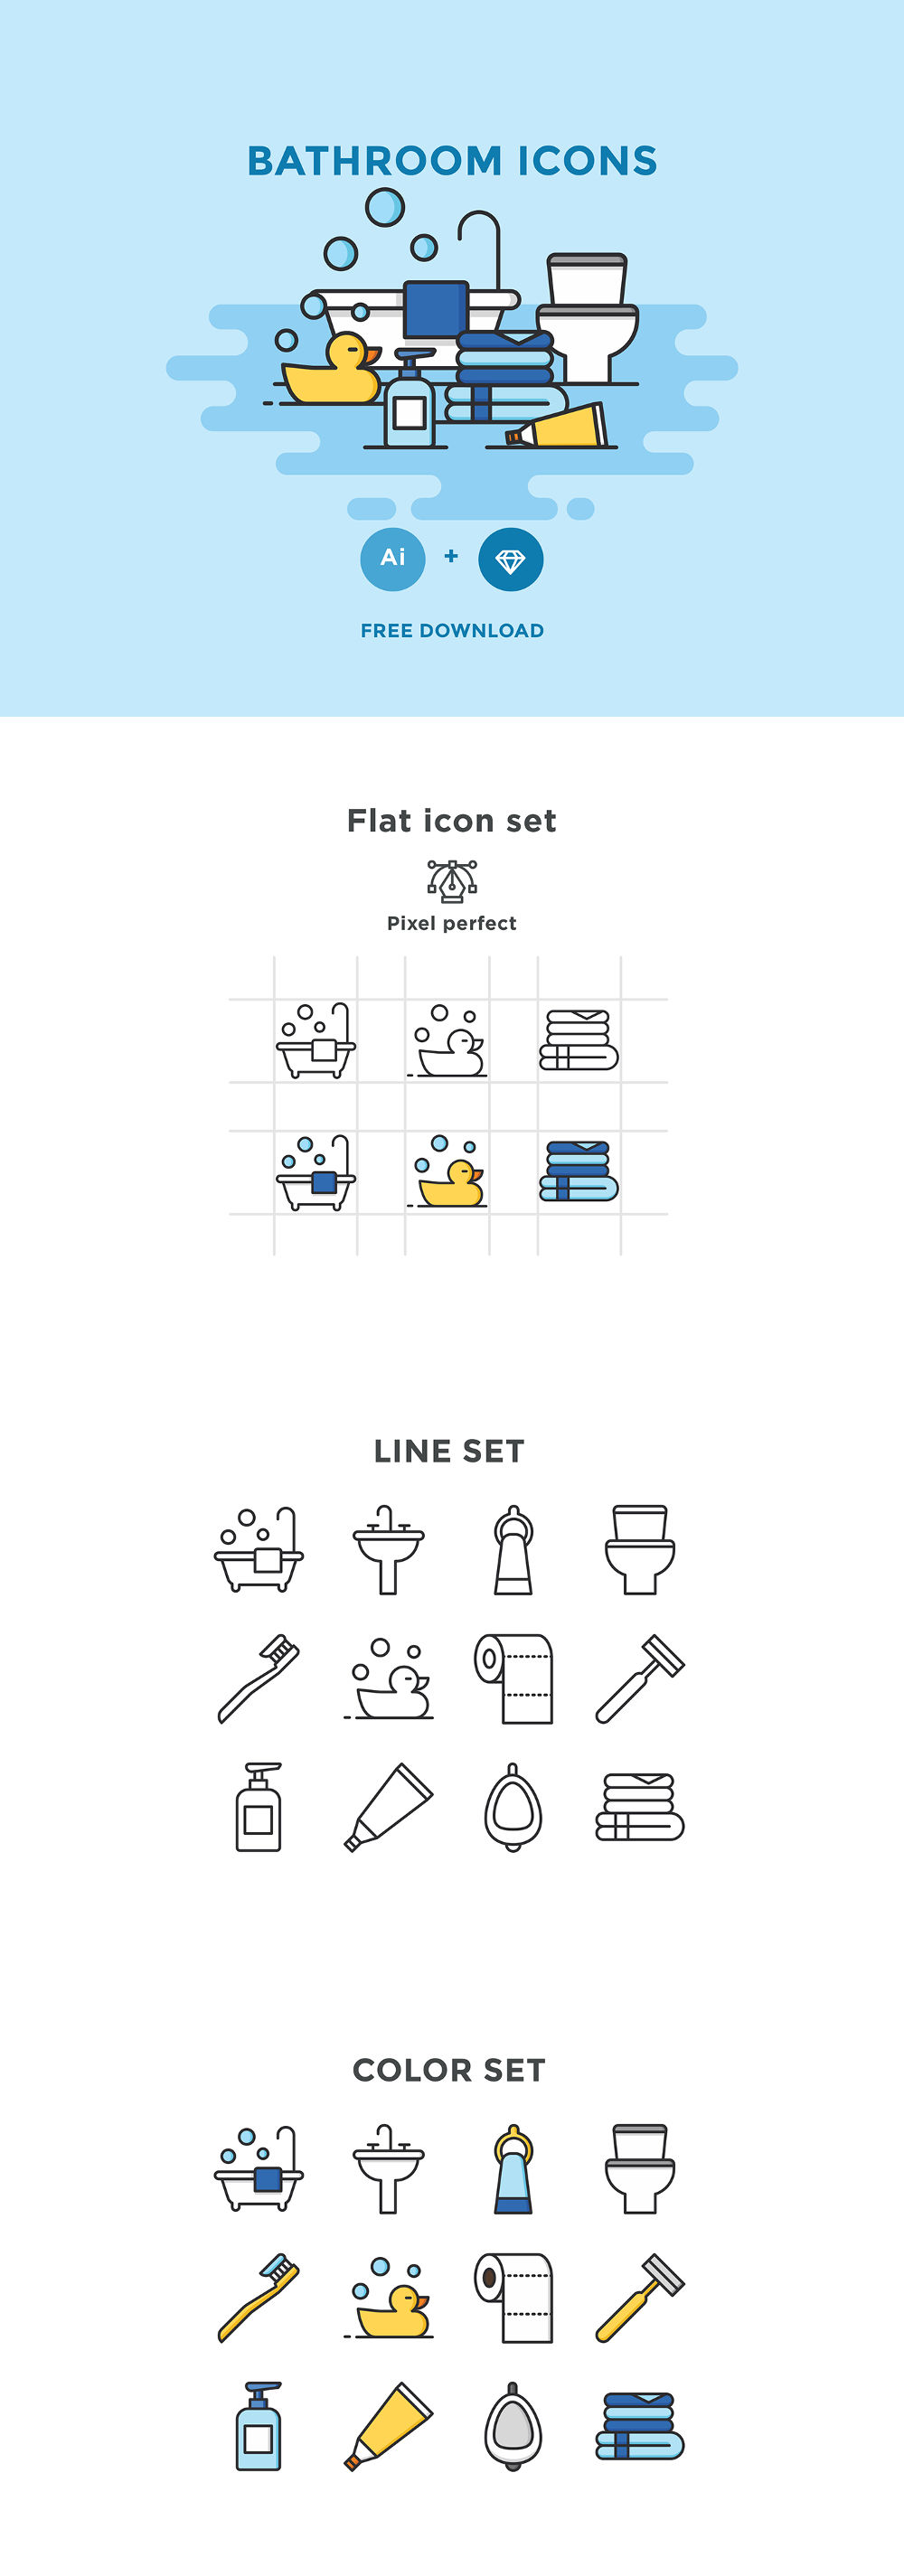 Free Bathroom Icons